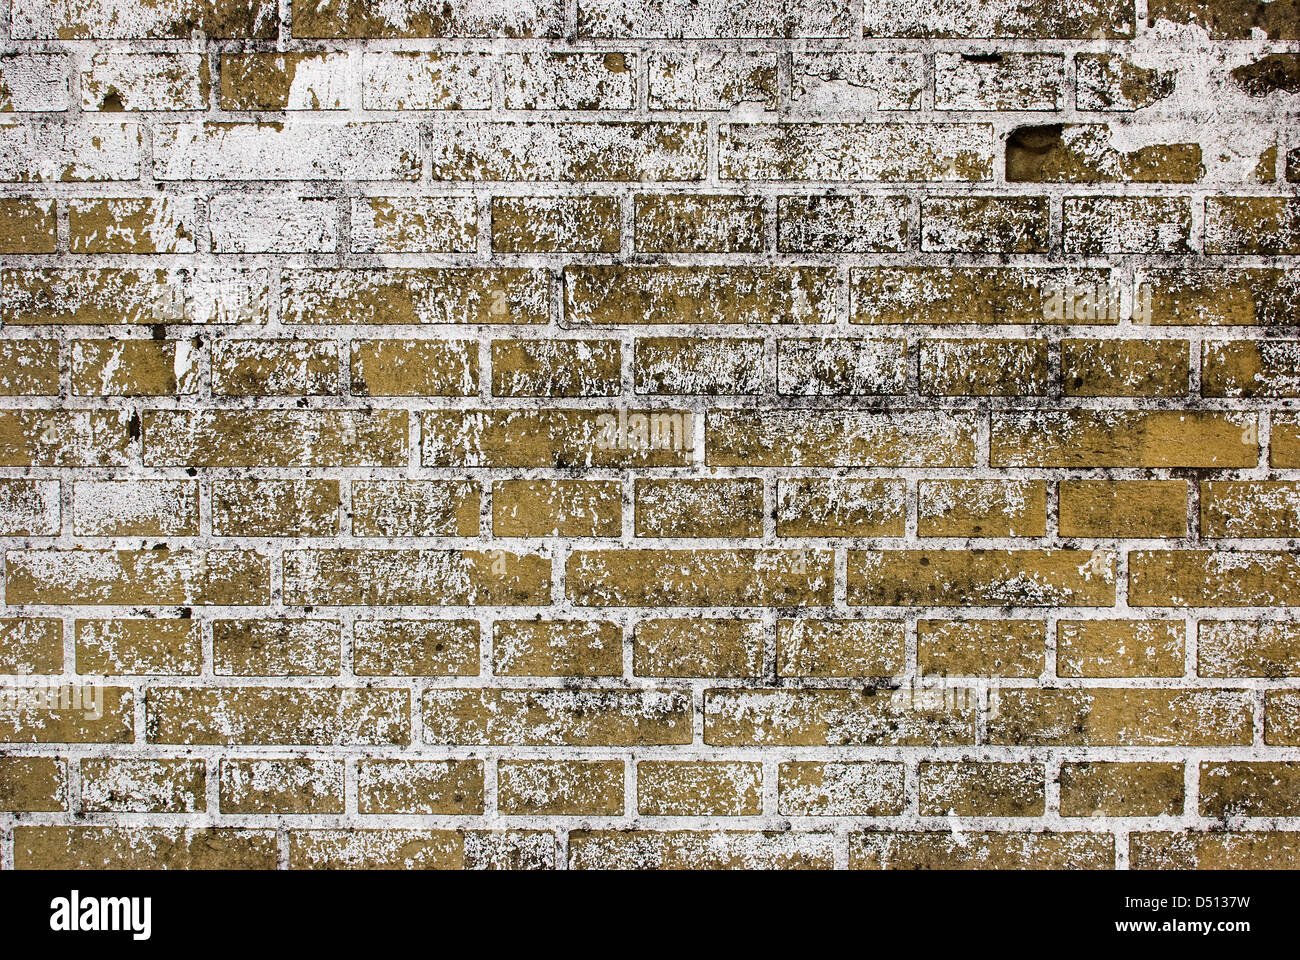 Mattoni Bianchi Per Esterni esterno la parete in mattoni di vernice bianca cosparse foto